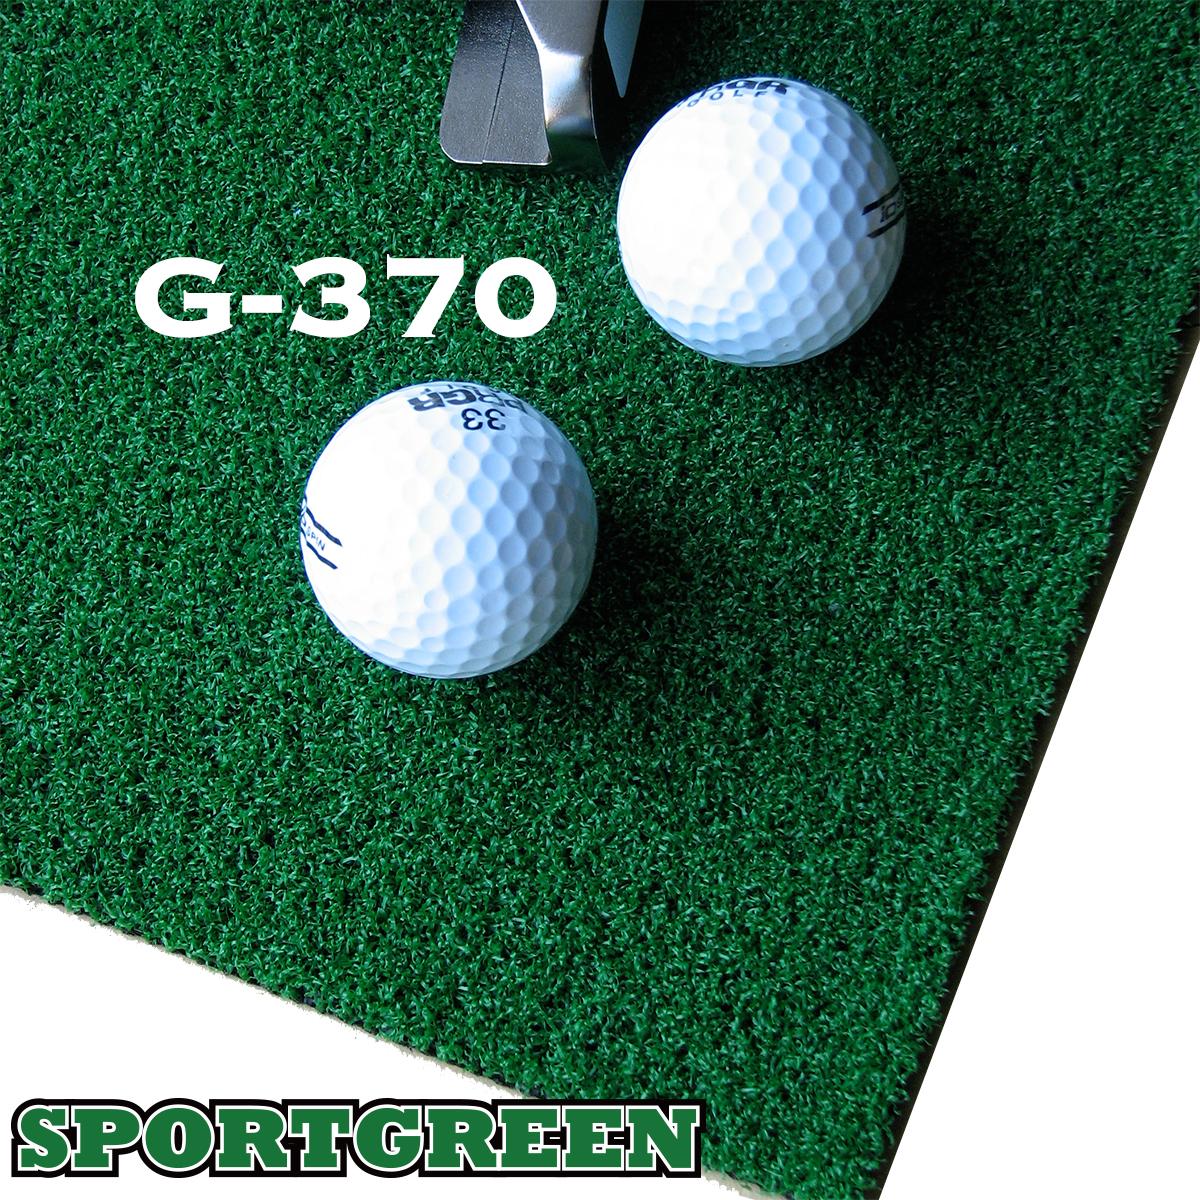 ゴルフ(パット)用人工芝[G-370]182cm幅 20m巻 ロール販売【日本製】【パター練習・トレーニング用具・ゴルフ練習用具・パット練習器具】